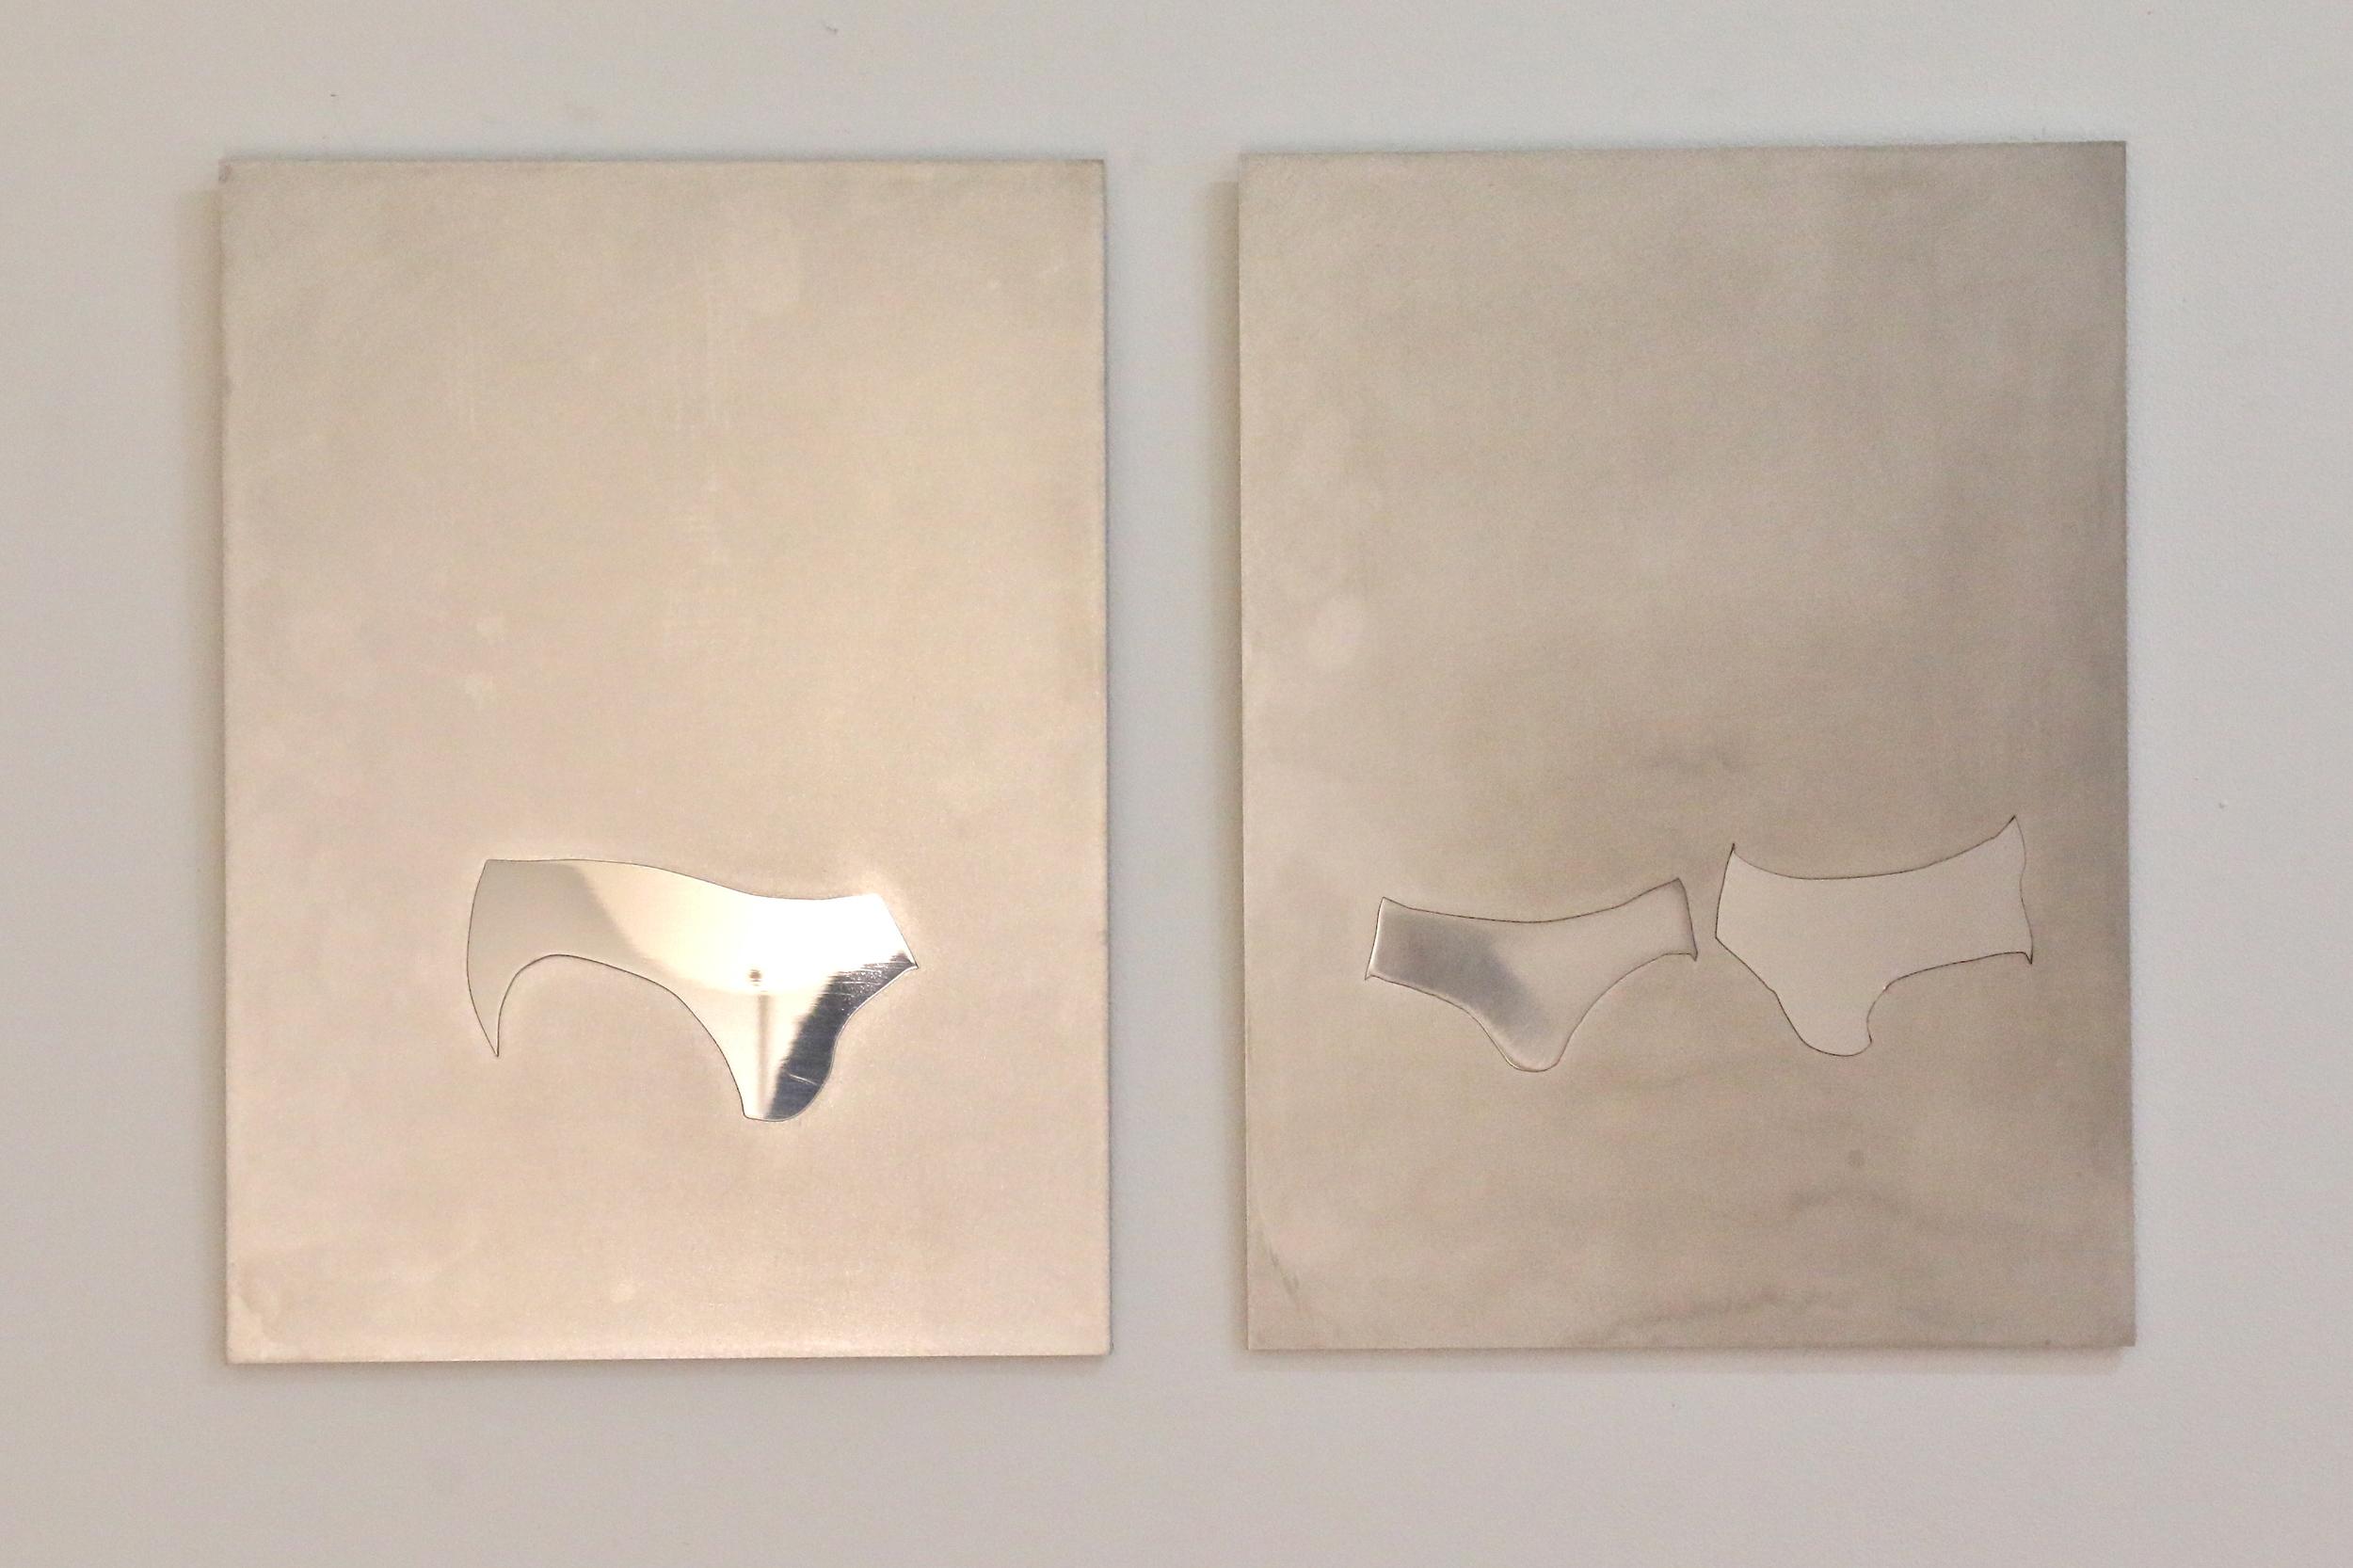 'Untitled (Calvin Klein underwear model series) #1 & #2'